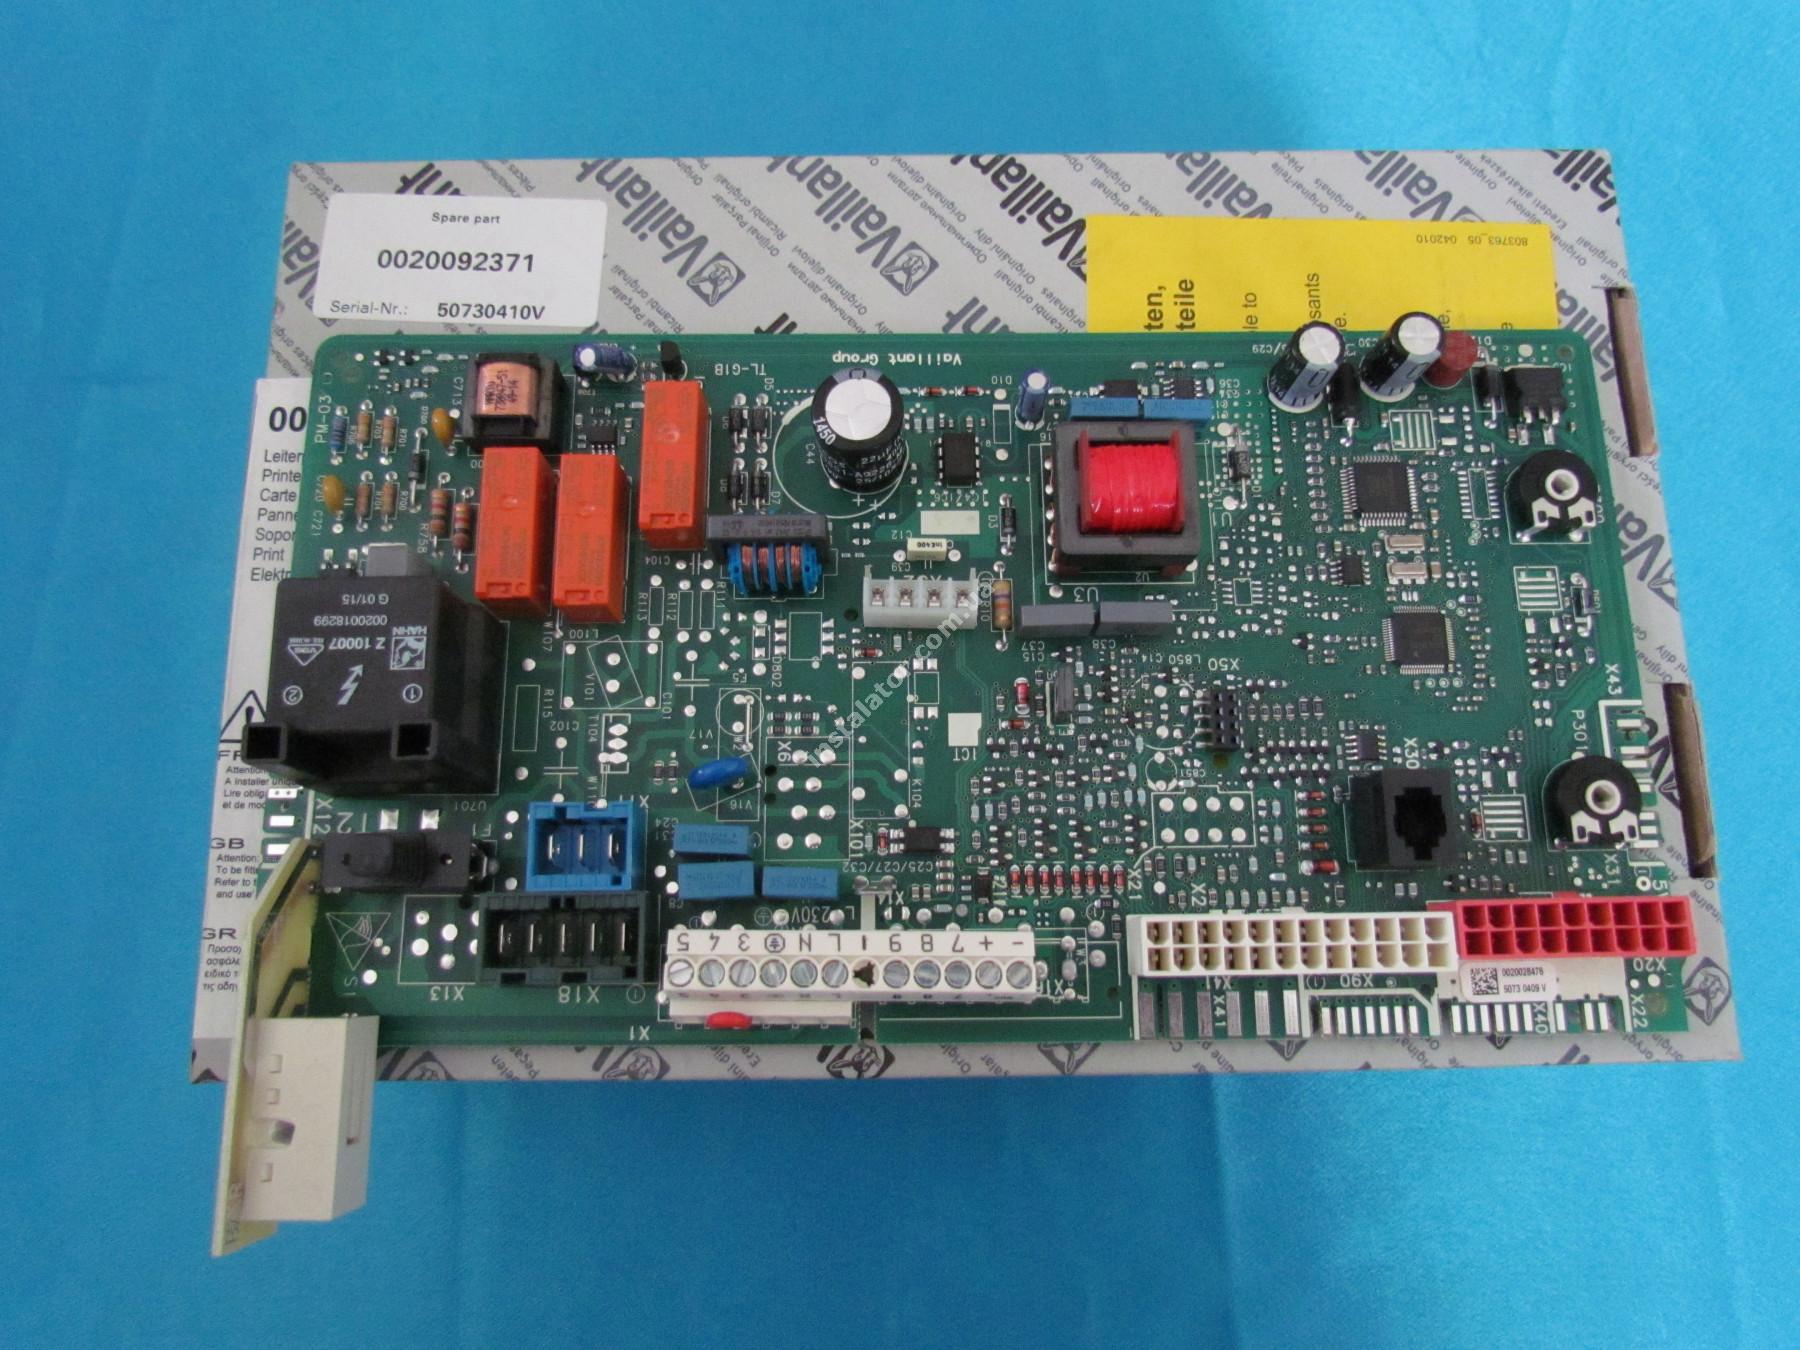 0020092371 Плата керування - універсальна VAILLANT Atmo/Turbo TEC Pro/Plus full-image-0